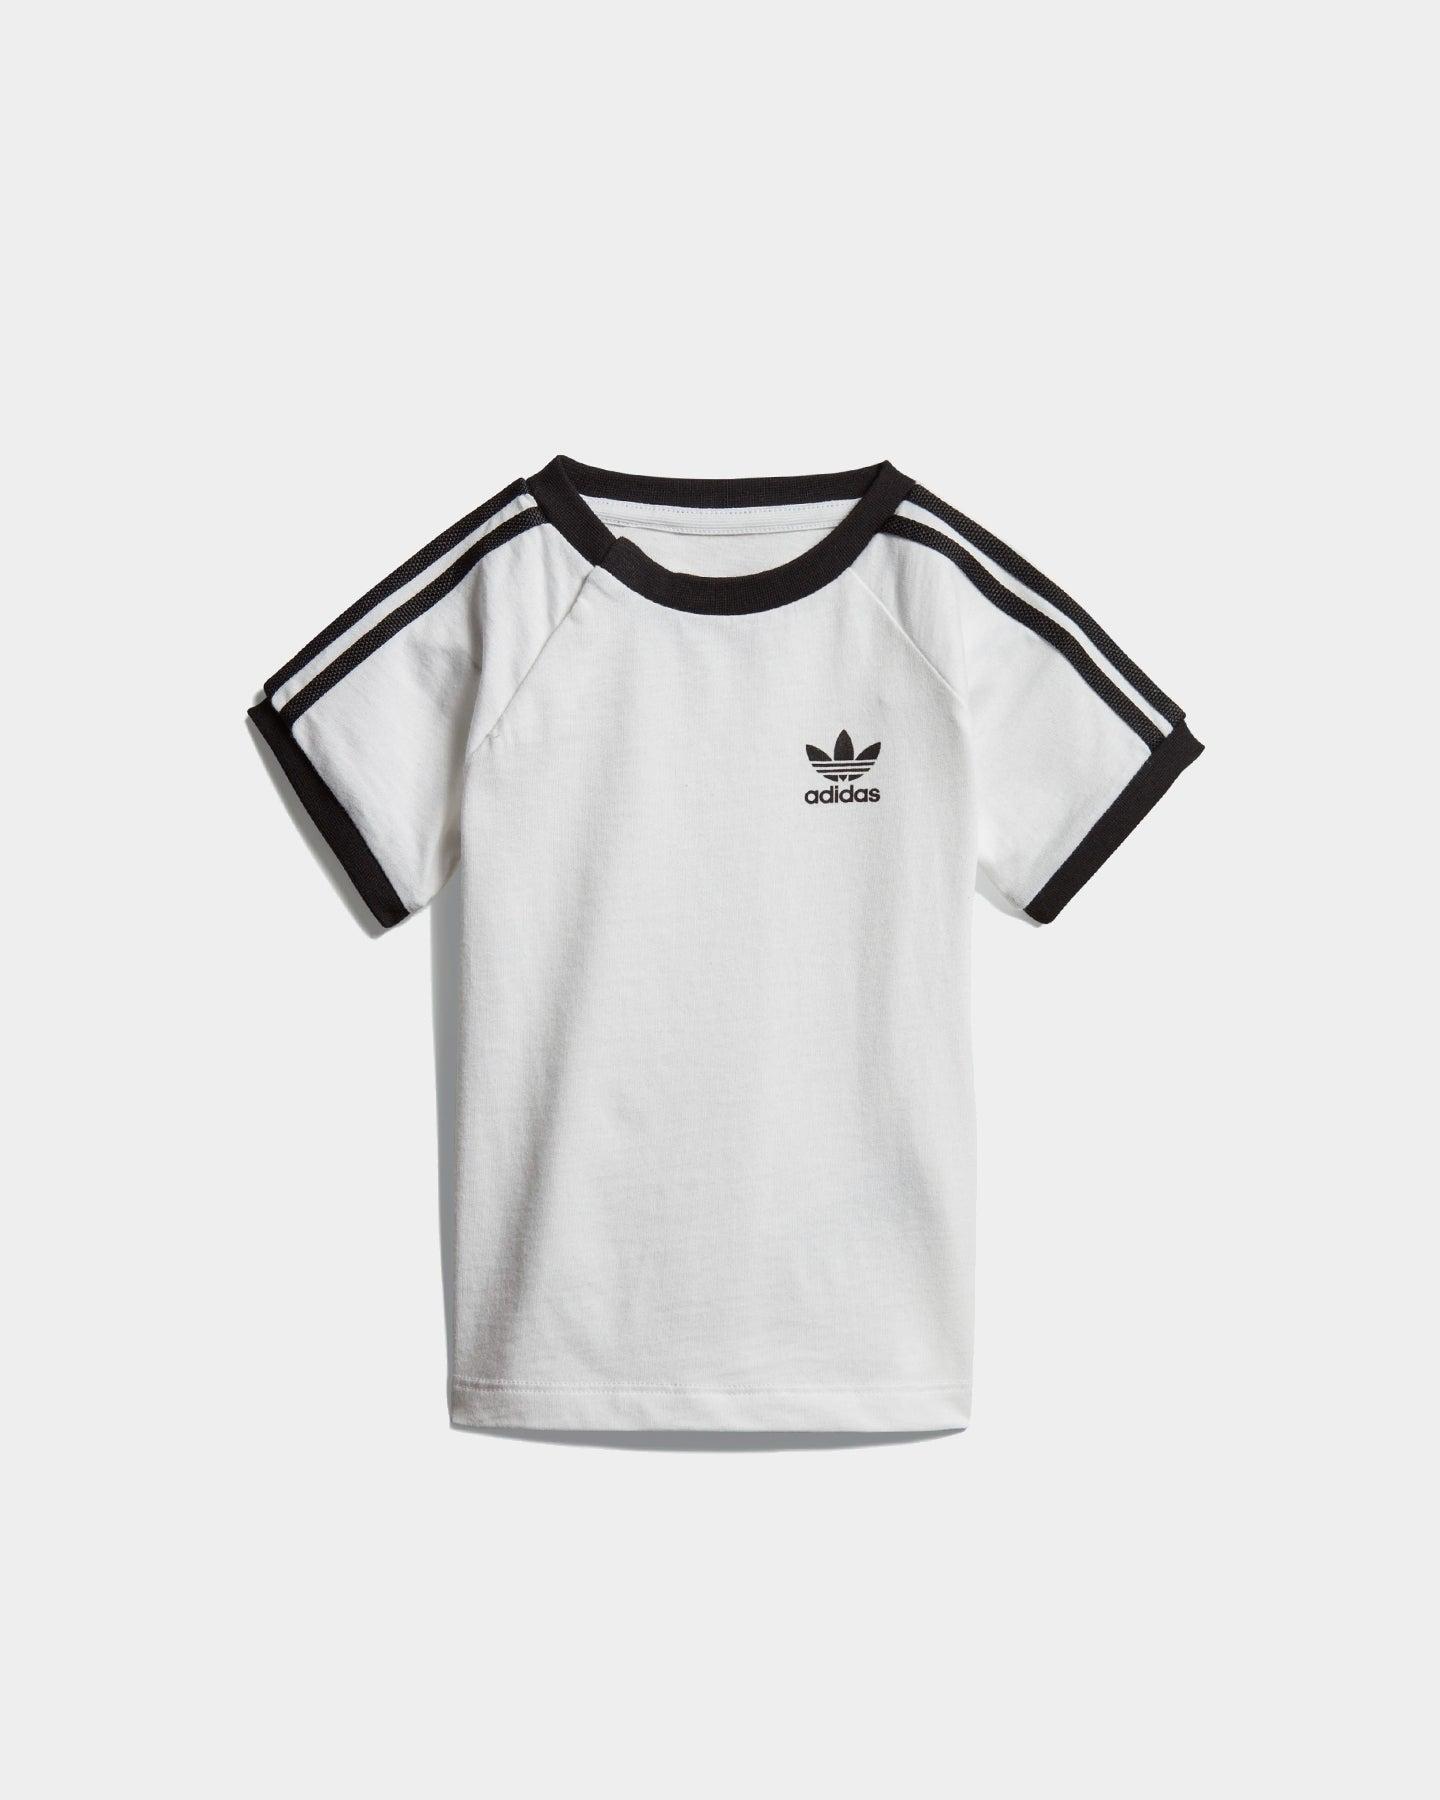 Adidas Kids 3 Stripes Tee WhiteBlack